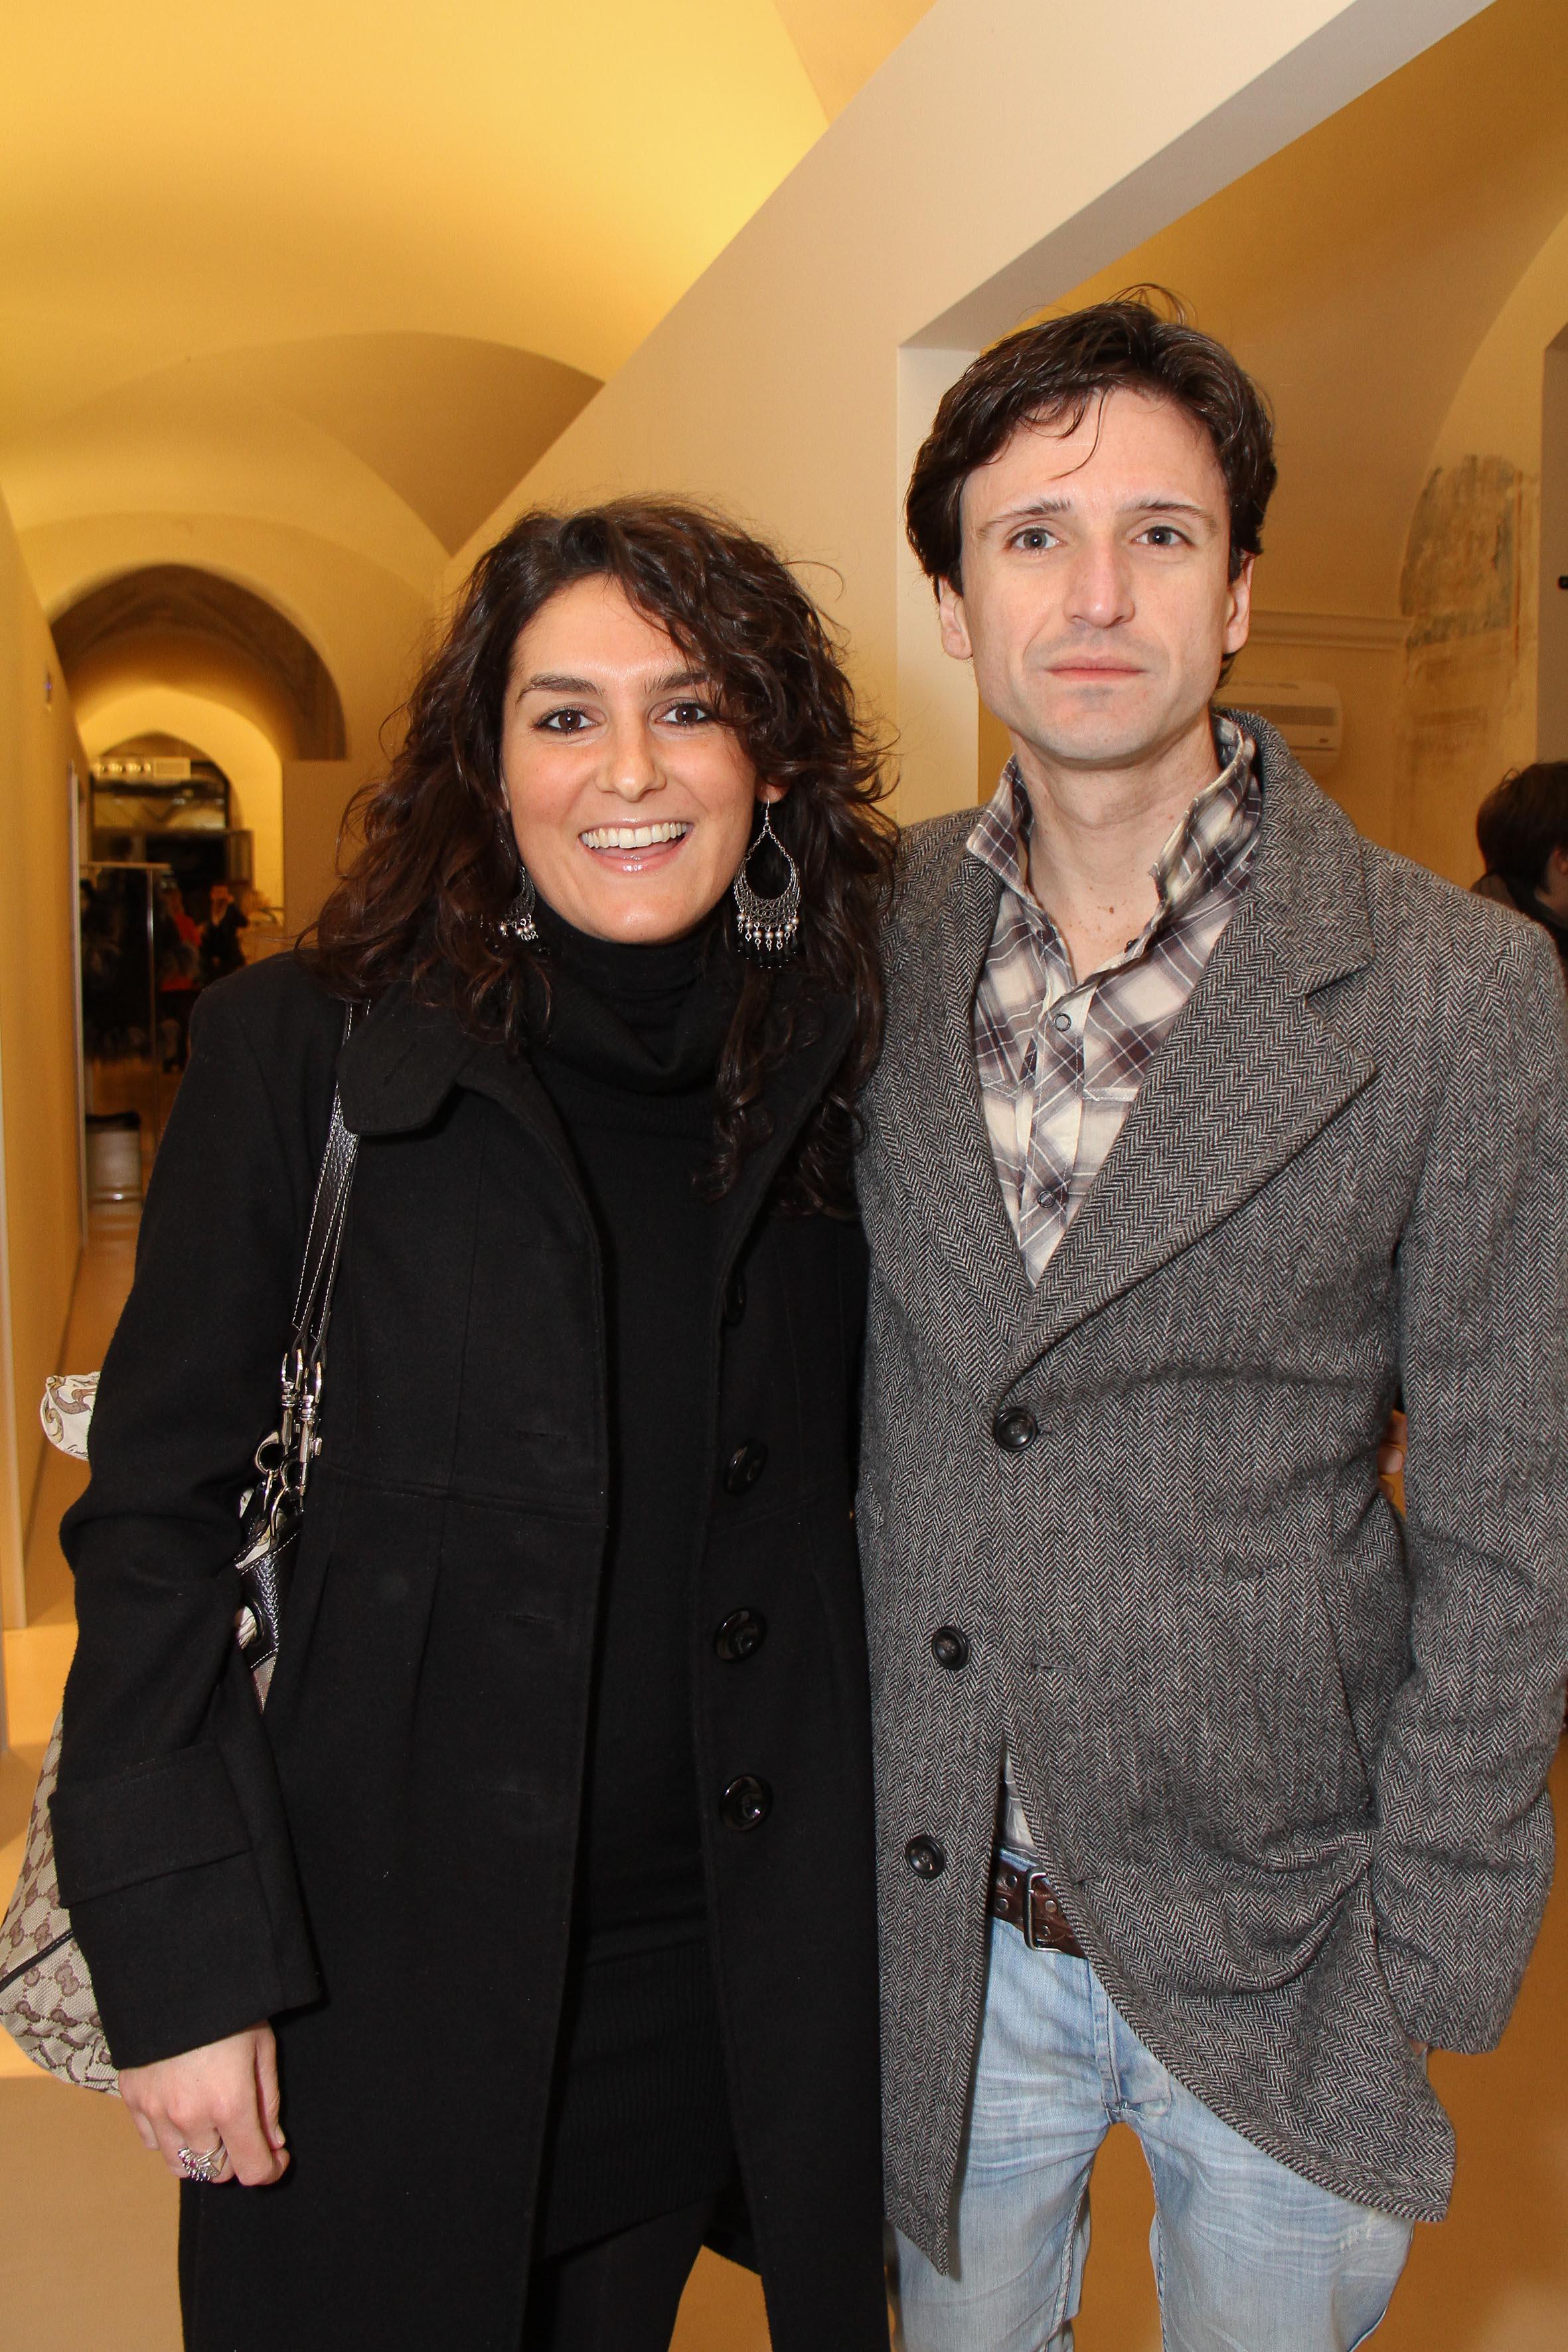 PRESSPHOTO Firenze, palestra OM. Nella foto Francesco Ceccherini e Carlotta Avanzolini